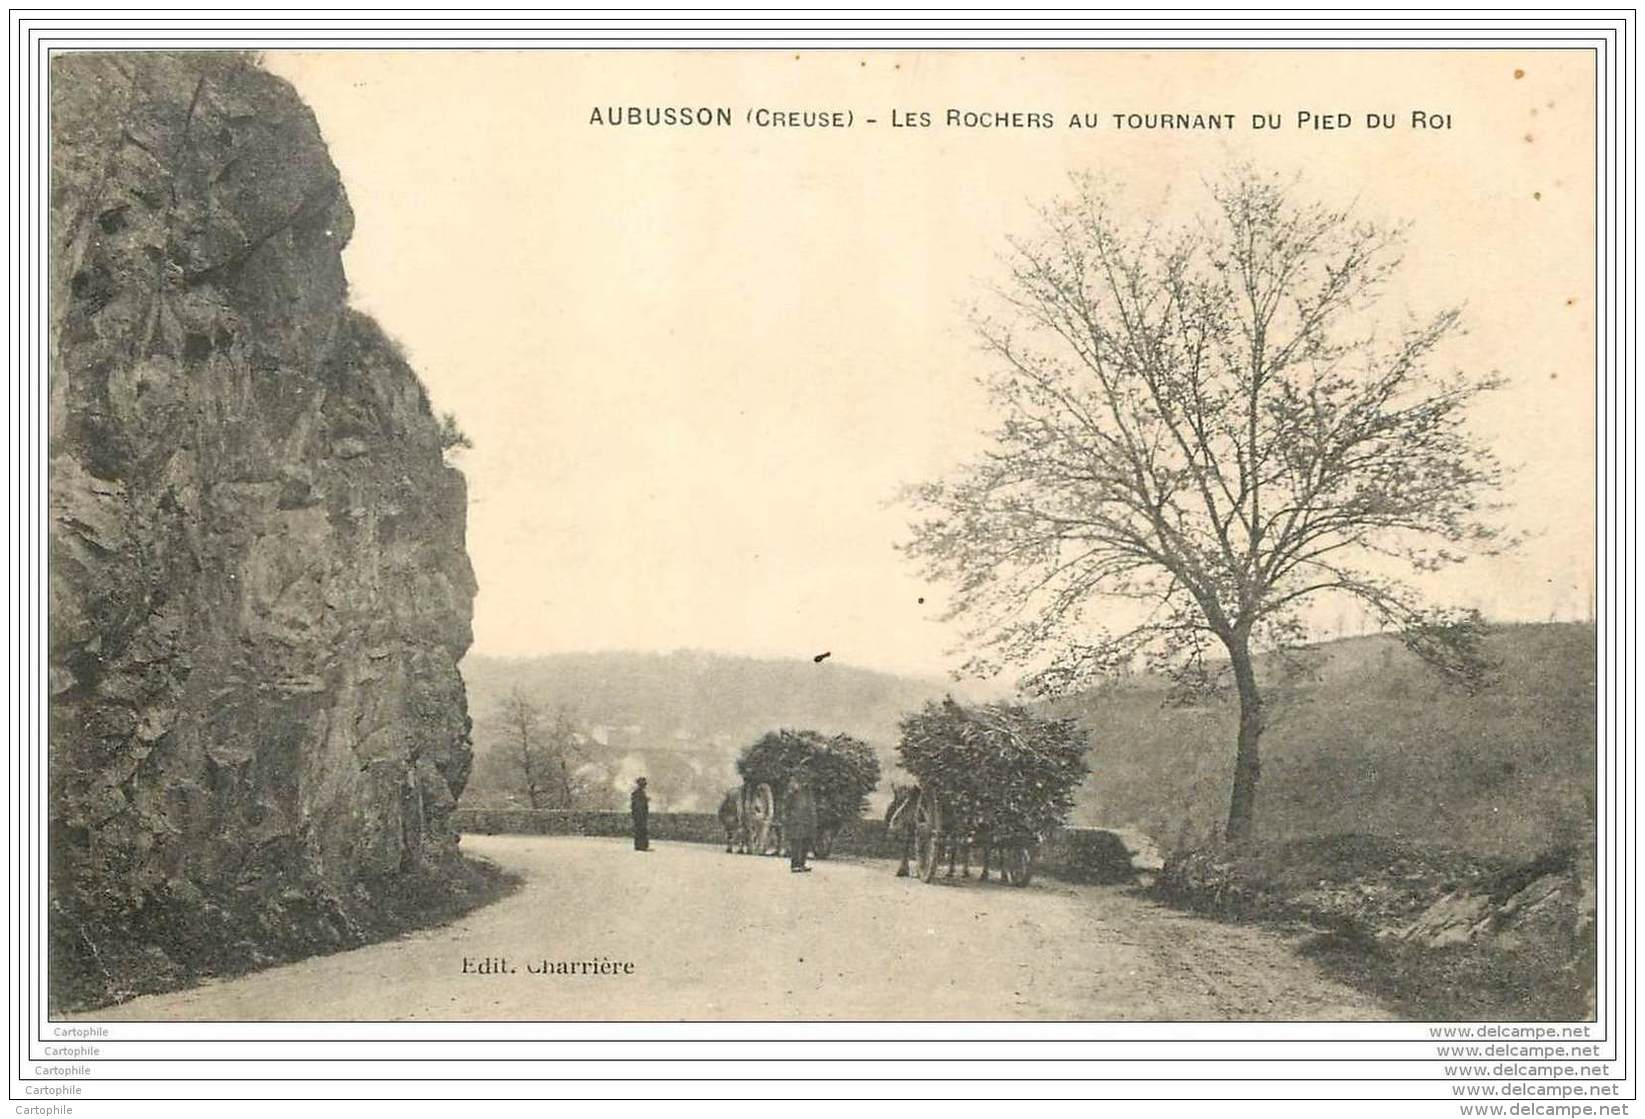 23 - AUBUSSON - Charrettes De Bois Au Tournant Du Pied Du Roi - Hopital Mixte De Gueret 1916  Louis Dravigny - Aubusson